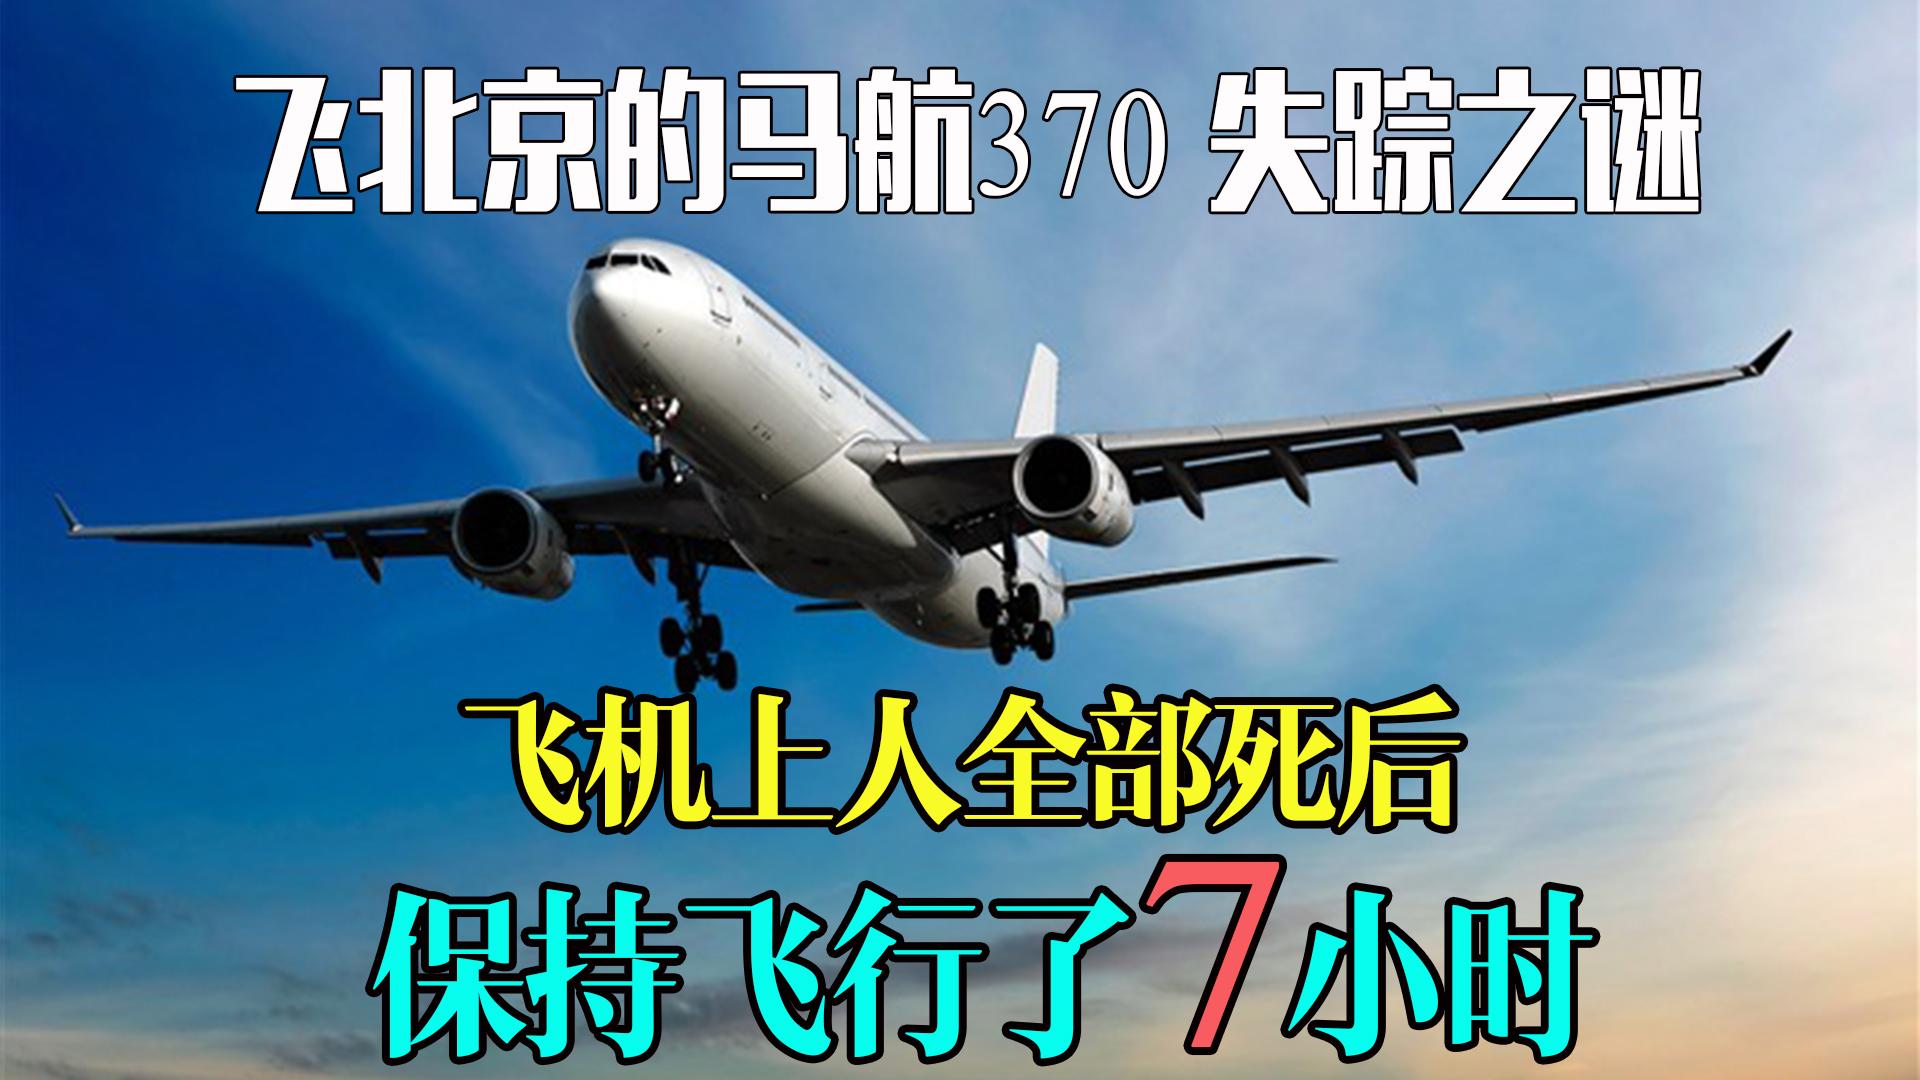 马航370神秘失踪,飞机上人死后,竟又飞行了7小时《空中浩劫》